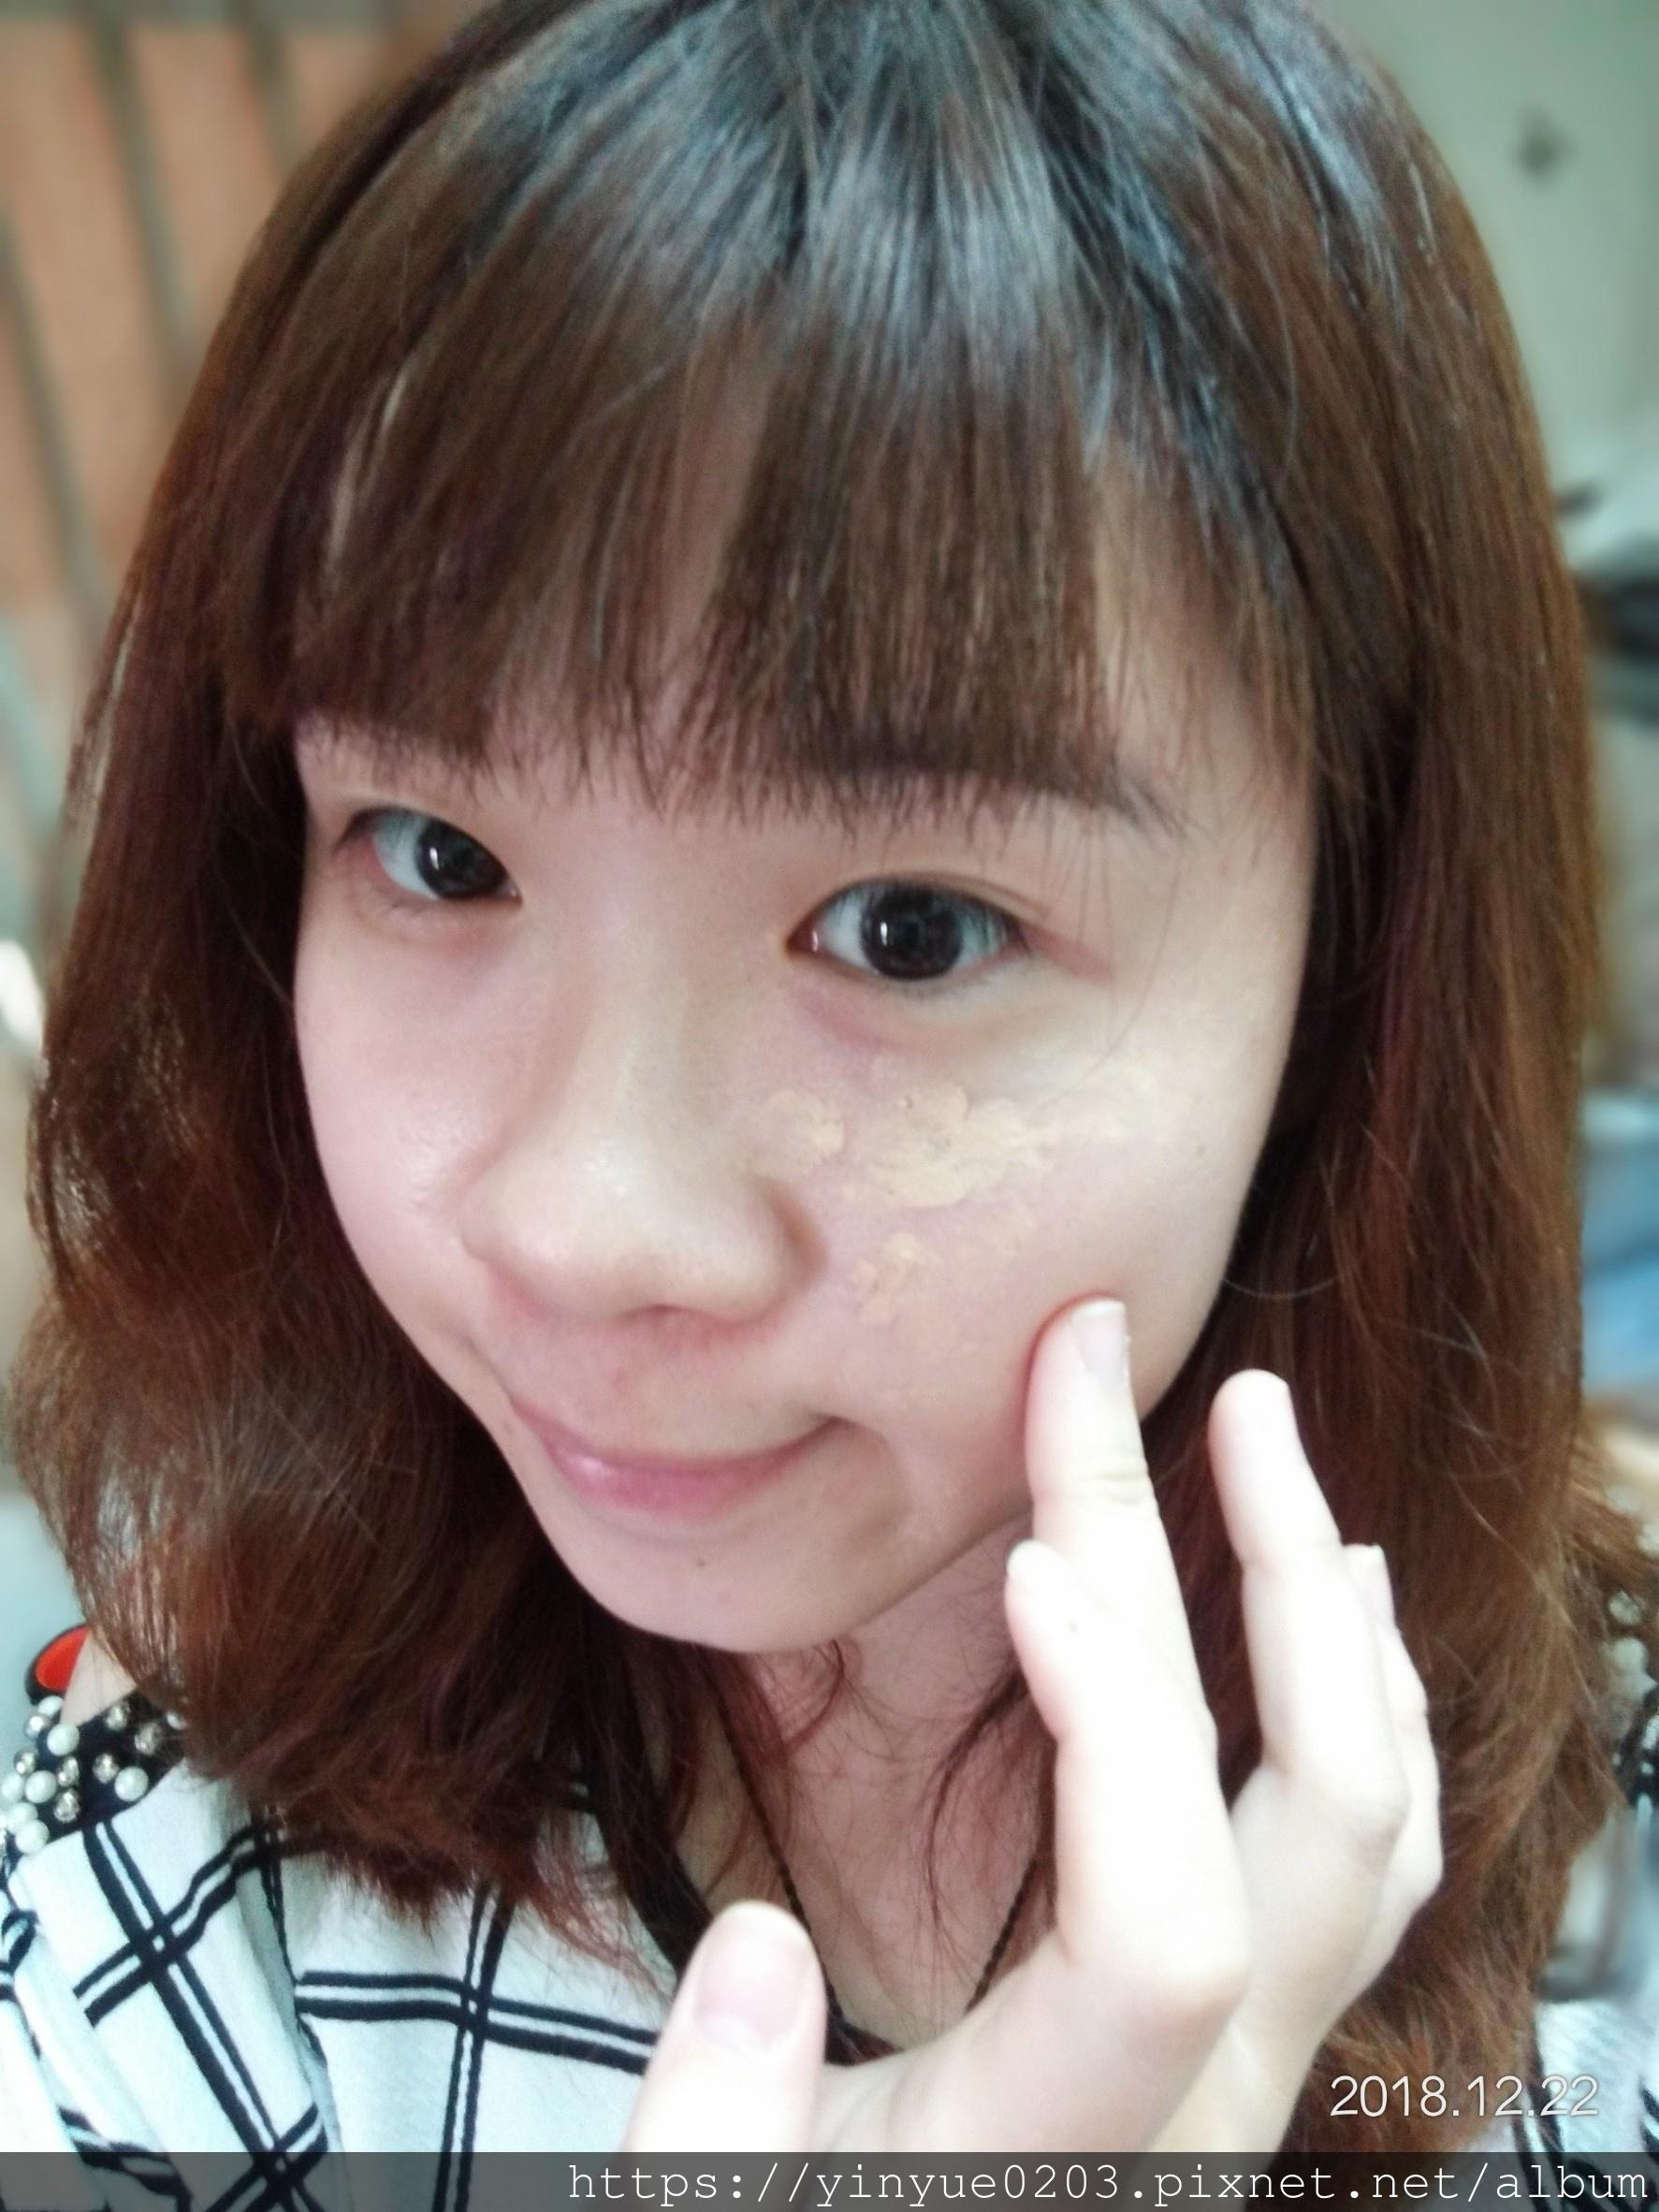 瑪珂蕾貝-潤澤透顏持妝精華粉底實際上妝